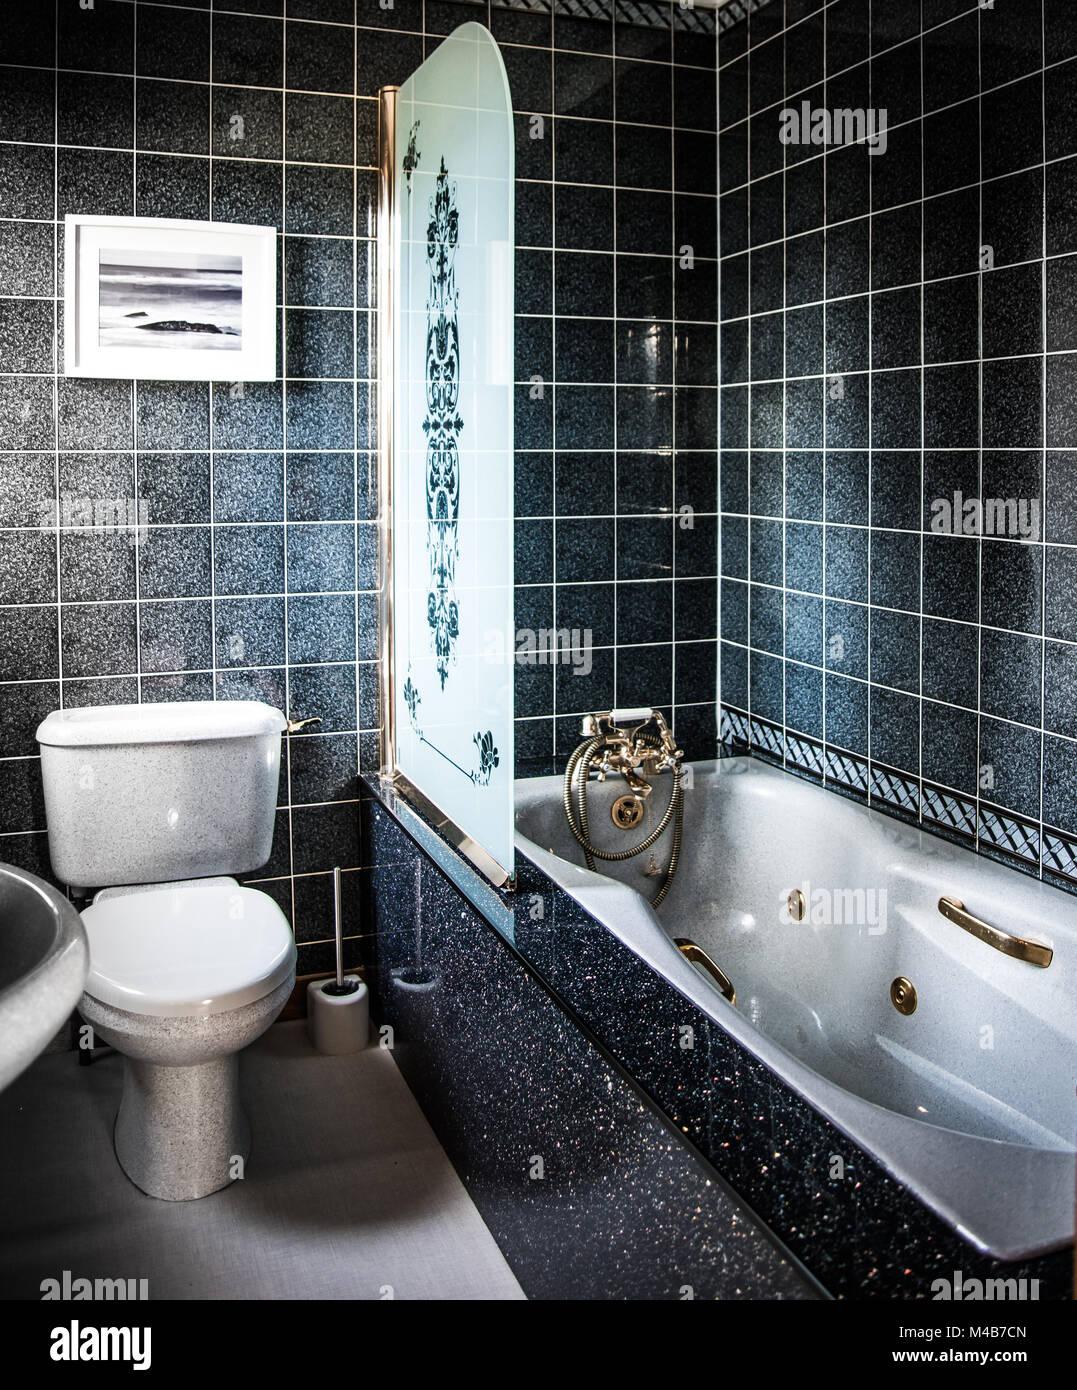 Luxuriöses Badezimmer Mit Whirlpool